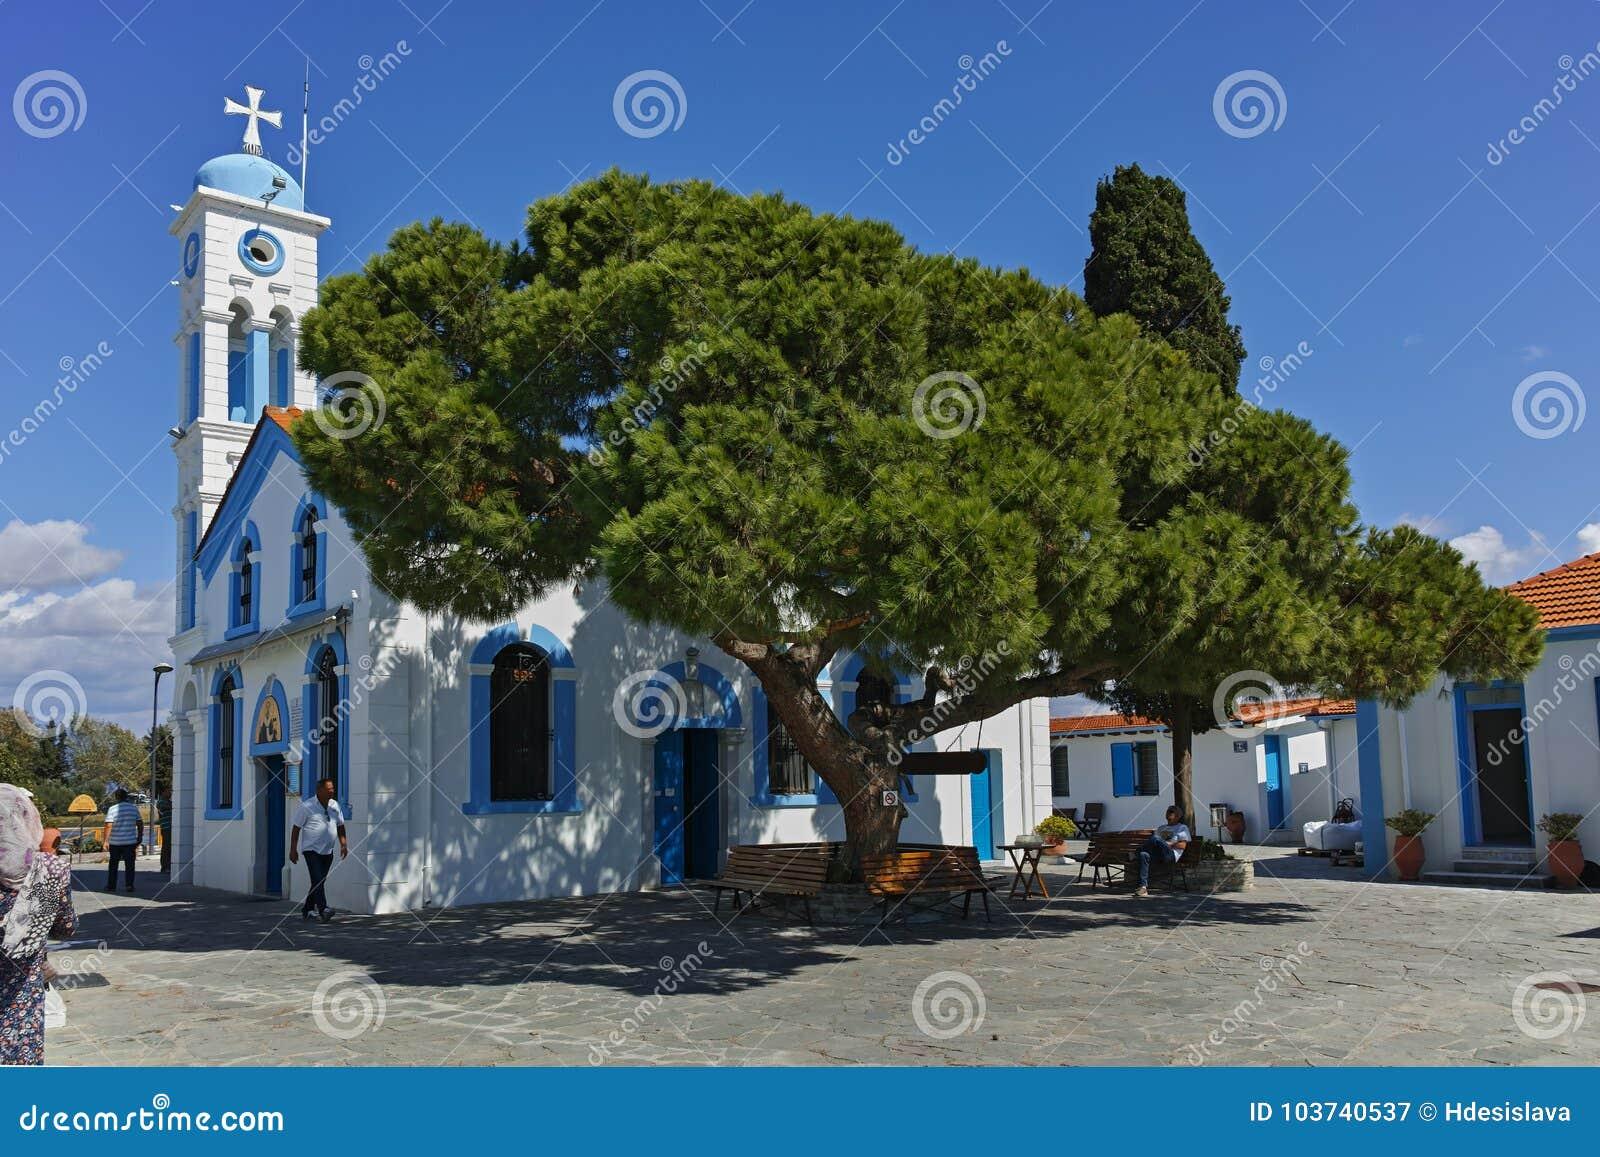 OPORTO LAGOS, GRECIA - 23 SETTEMBRE 2017: Monastero San Nicola situato su due isole a Oporto Lagos vicino alla città di Xanthi